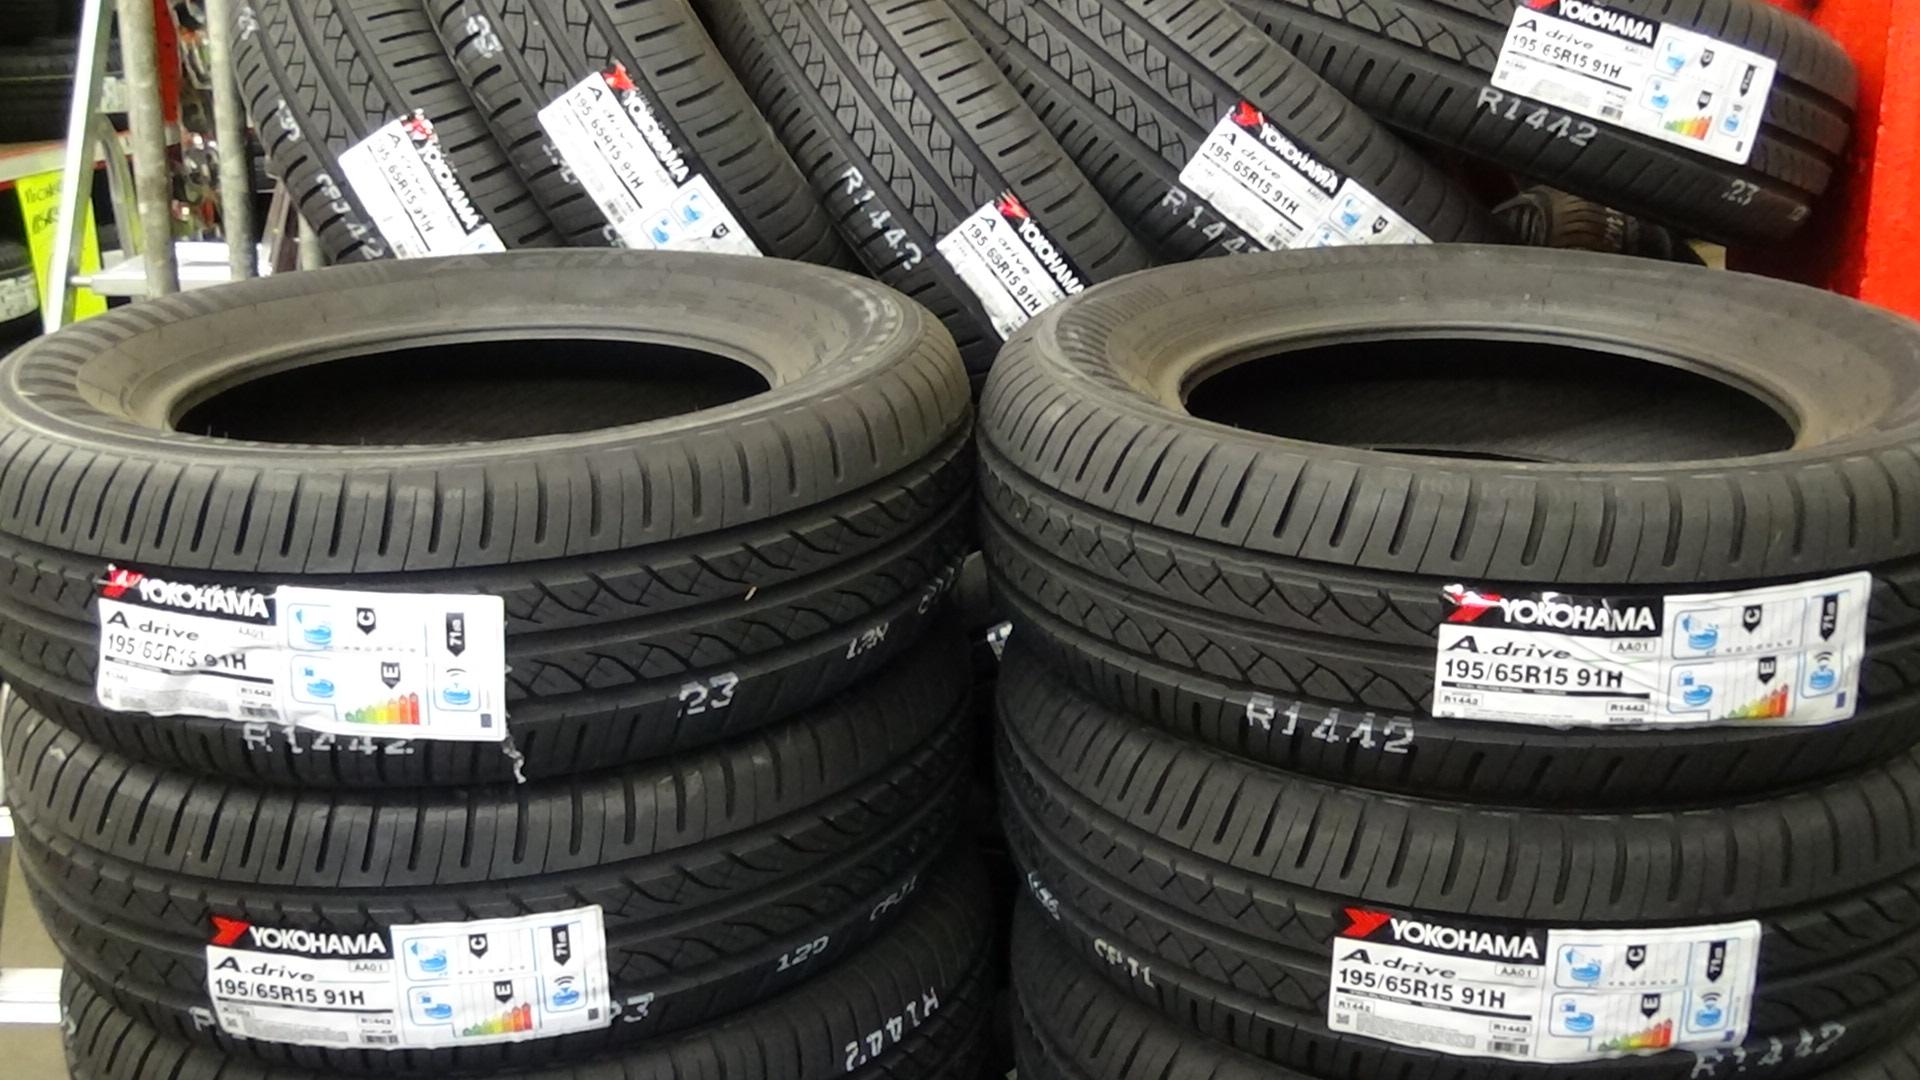 3ème Arrivage de pneus Yokohama dans nos magasins !